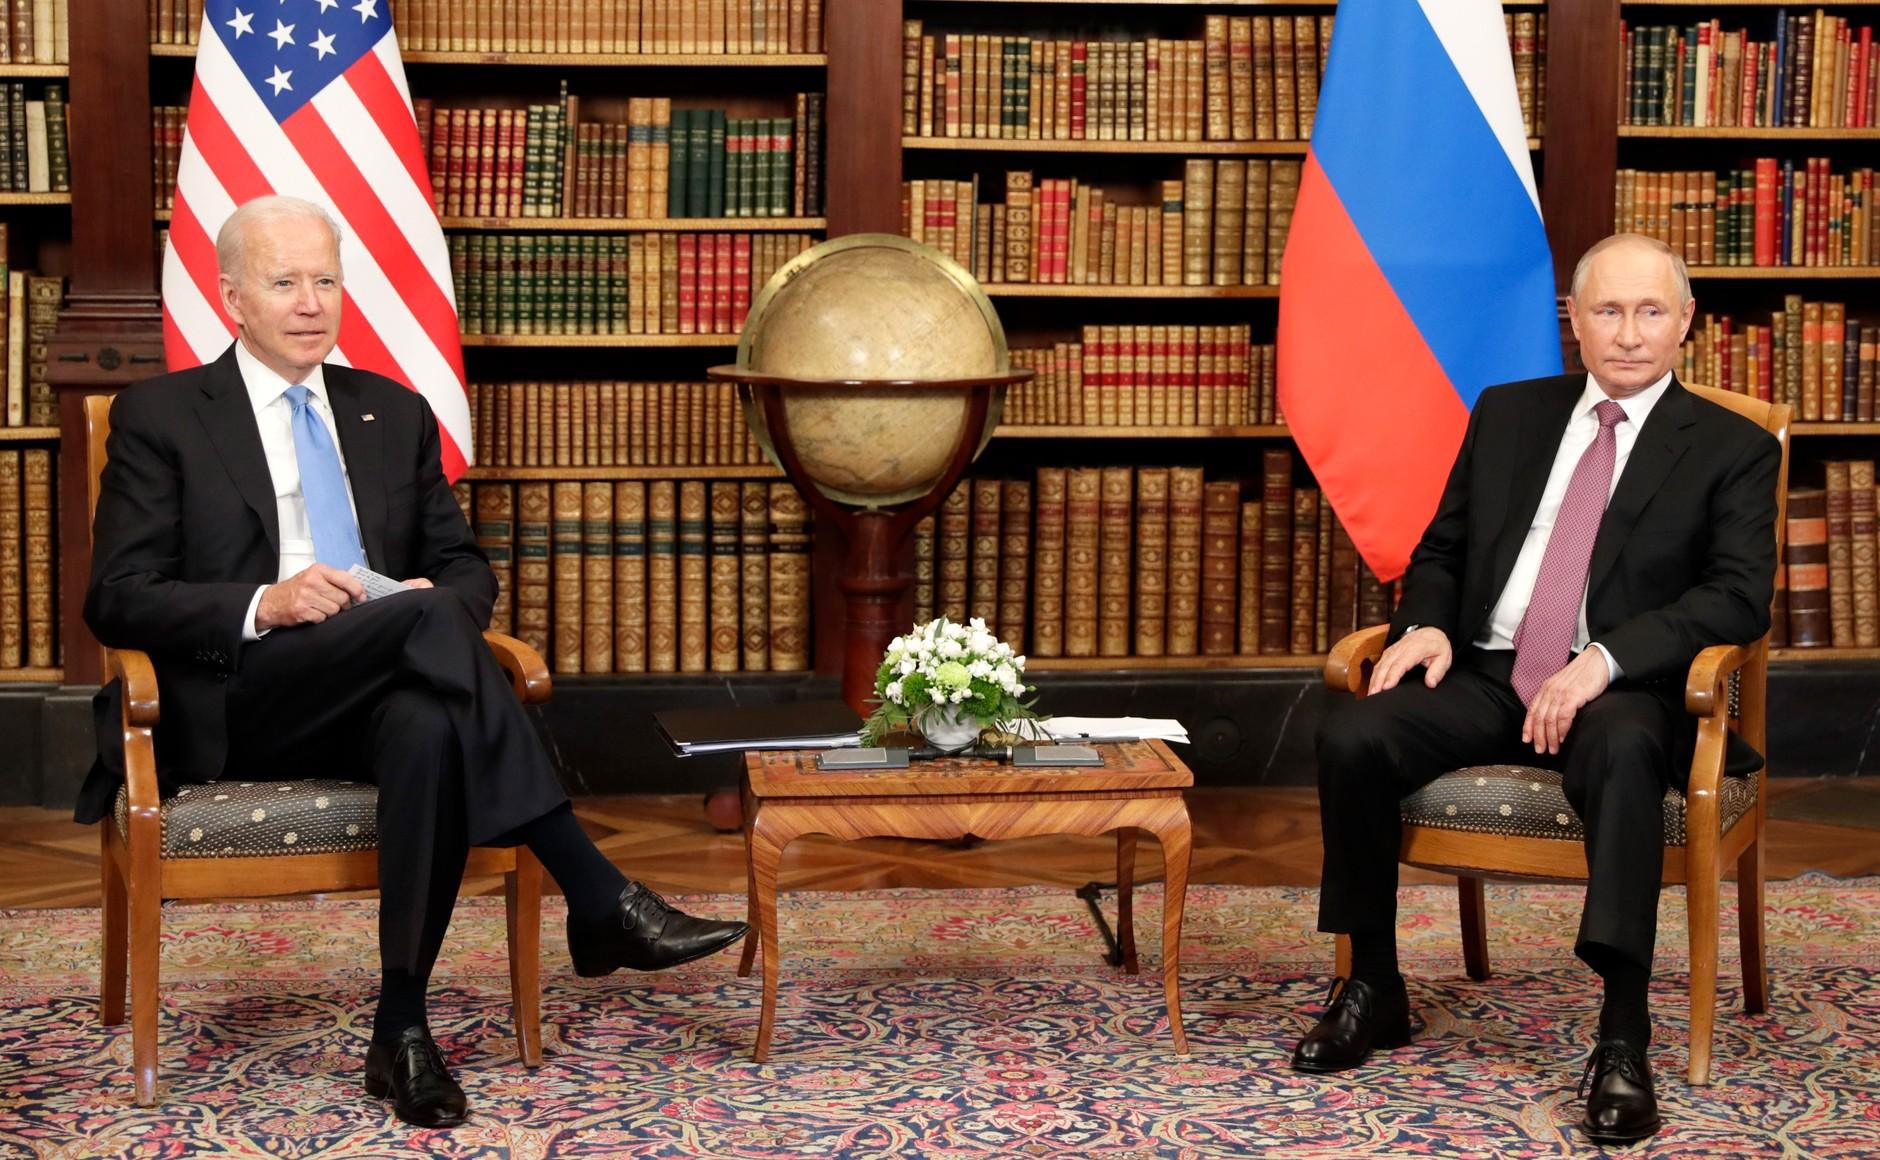 RUSSIE USA 8 X 16 Avec le président des États-Unis d'Amérique Joseph Biden avant les pourparlers russo-américains. Photo TASS